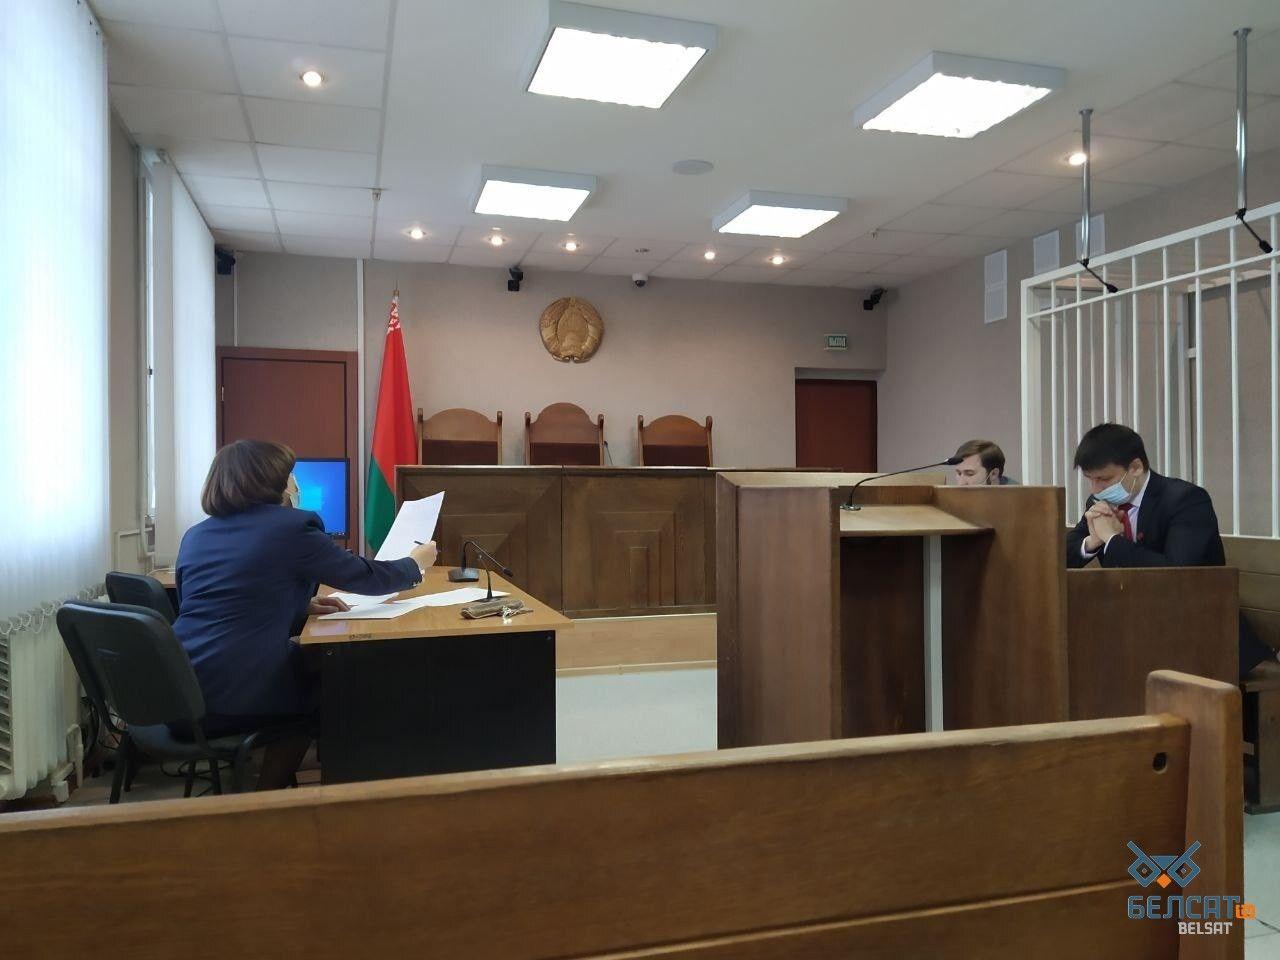 У Білорусі суд залишив без змін вирок журналісткам Андреєвій і Чульцовій